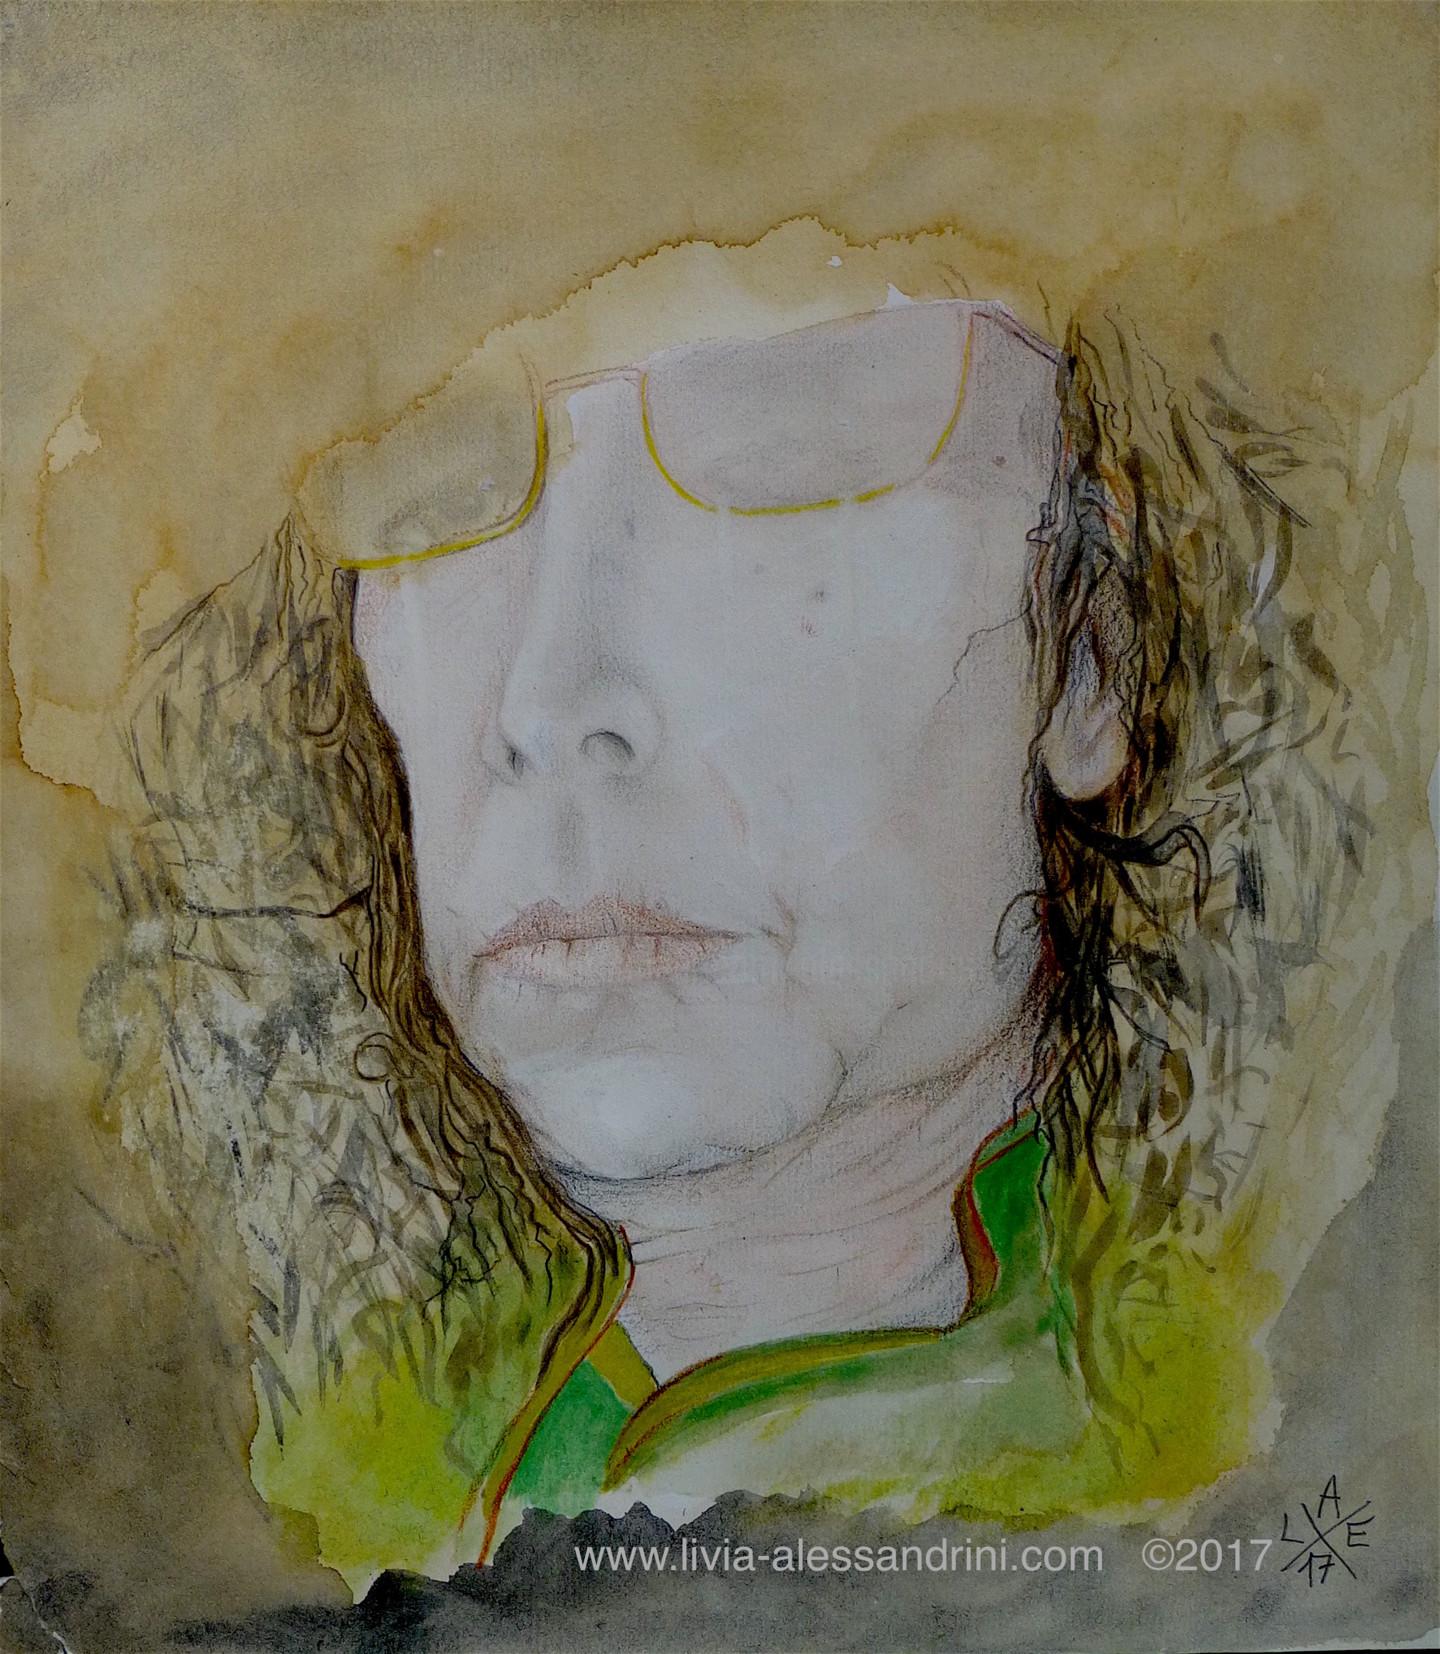 Livia Alessandrini - Autoportrait, les racines des vertiges